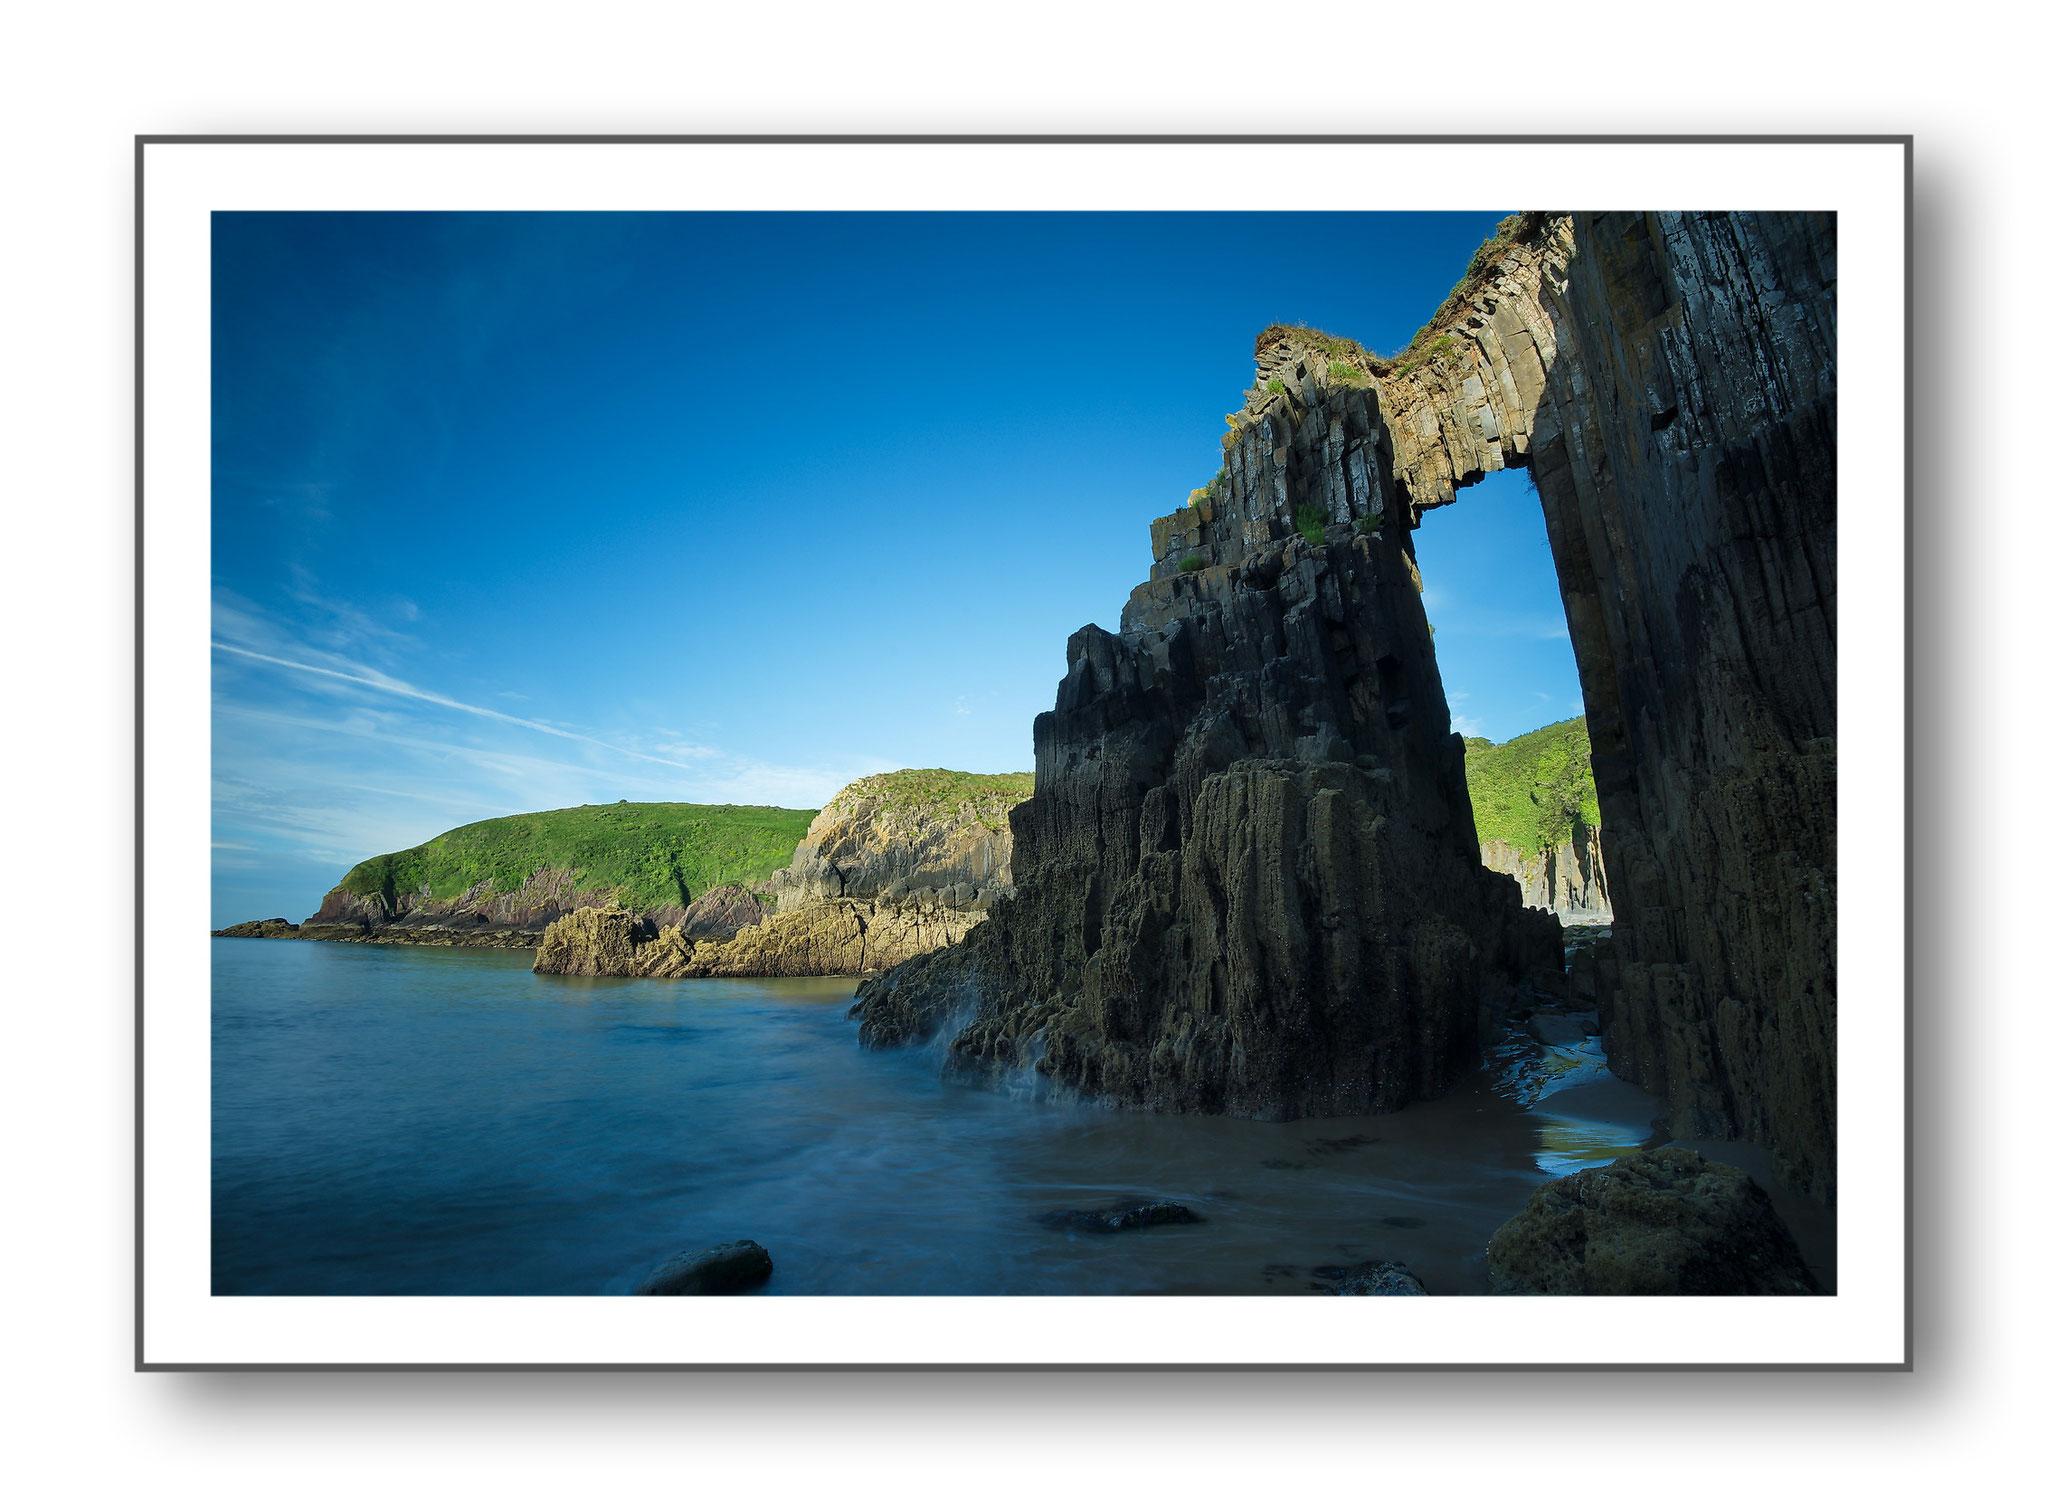 Mehr dieser Bilder unter : Stadt + Land - Wales